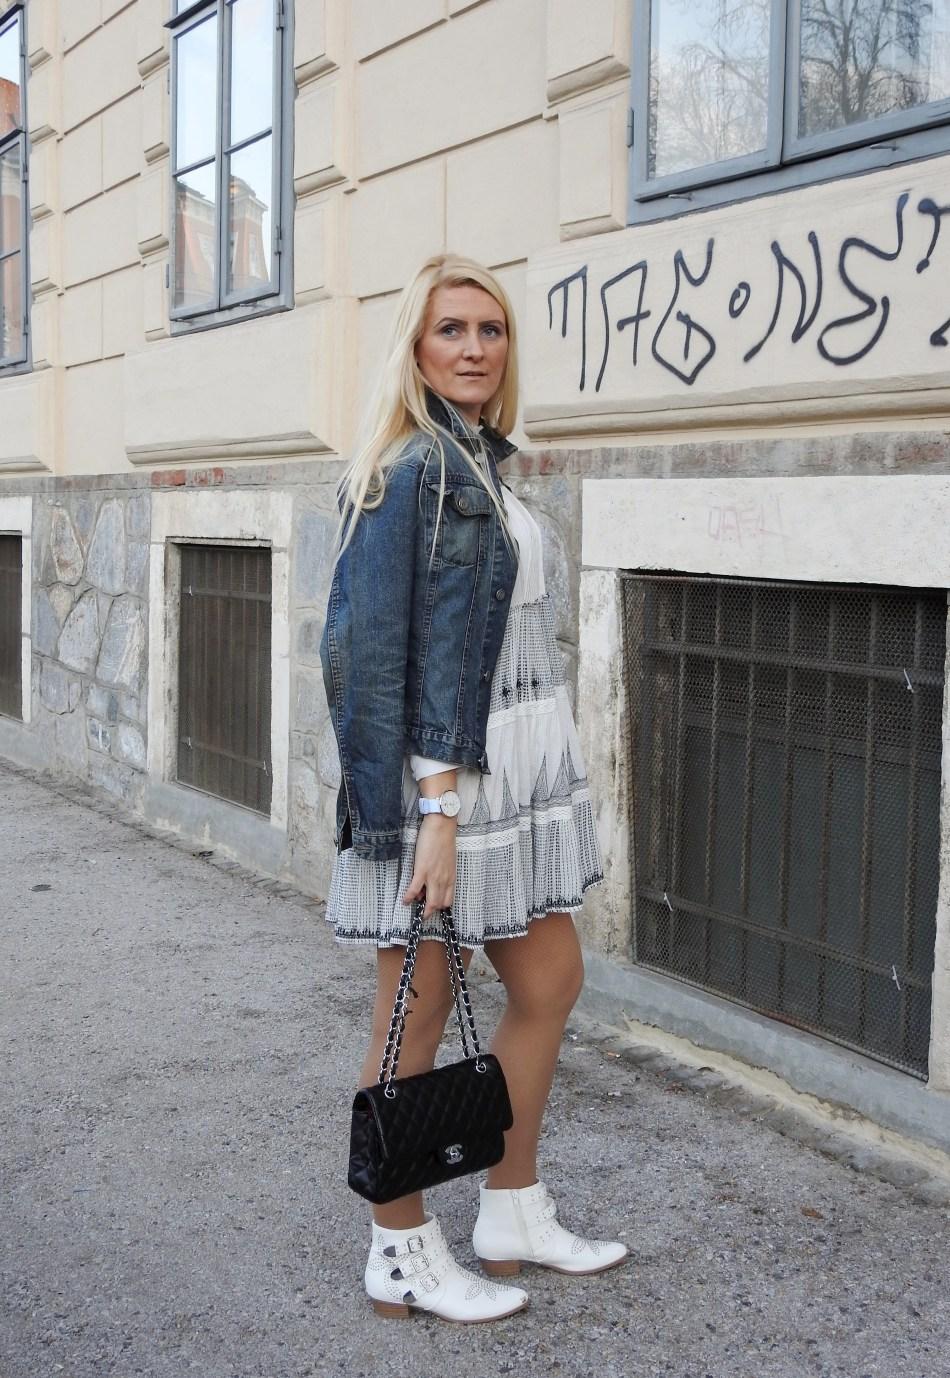 Dark-Denim-Trends-2018-Chanel-Bag-White-Leather-Boots-Weißes-Leder-Studs-Nieten-Suzanna-Chloe-Jeansjacke-Dress-carrieslifestyle-Tamara-Prutsch